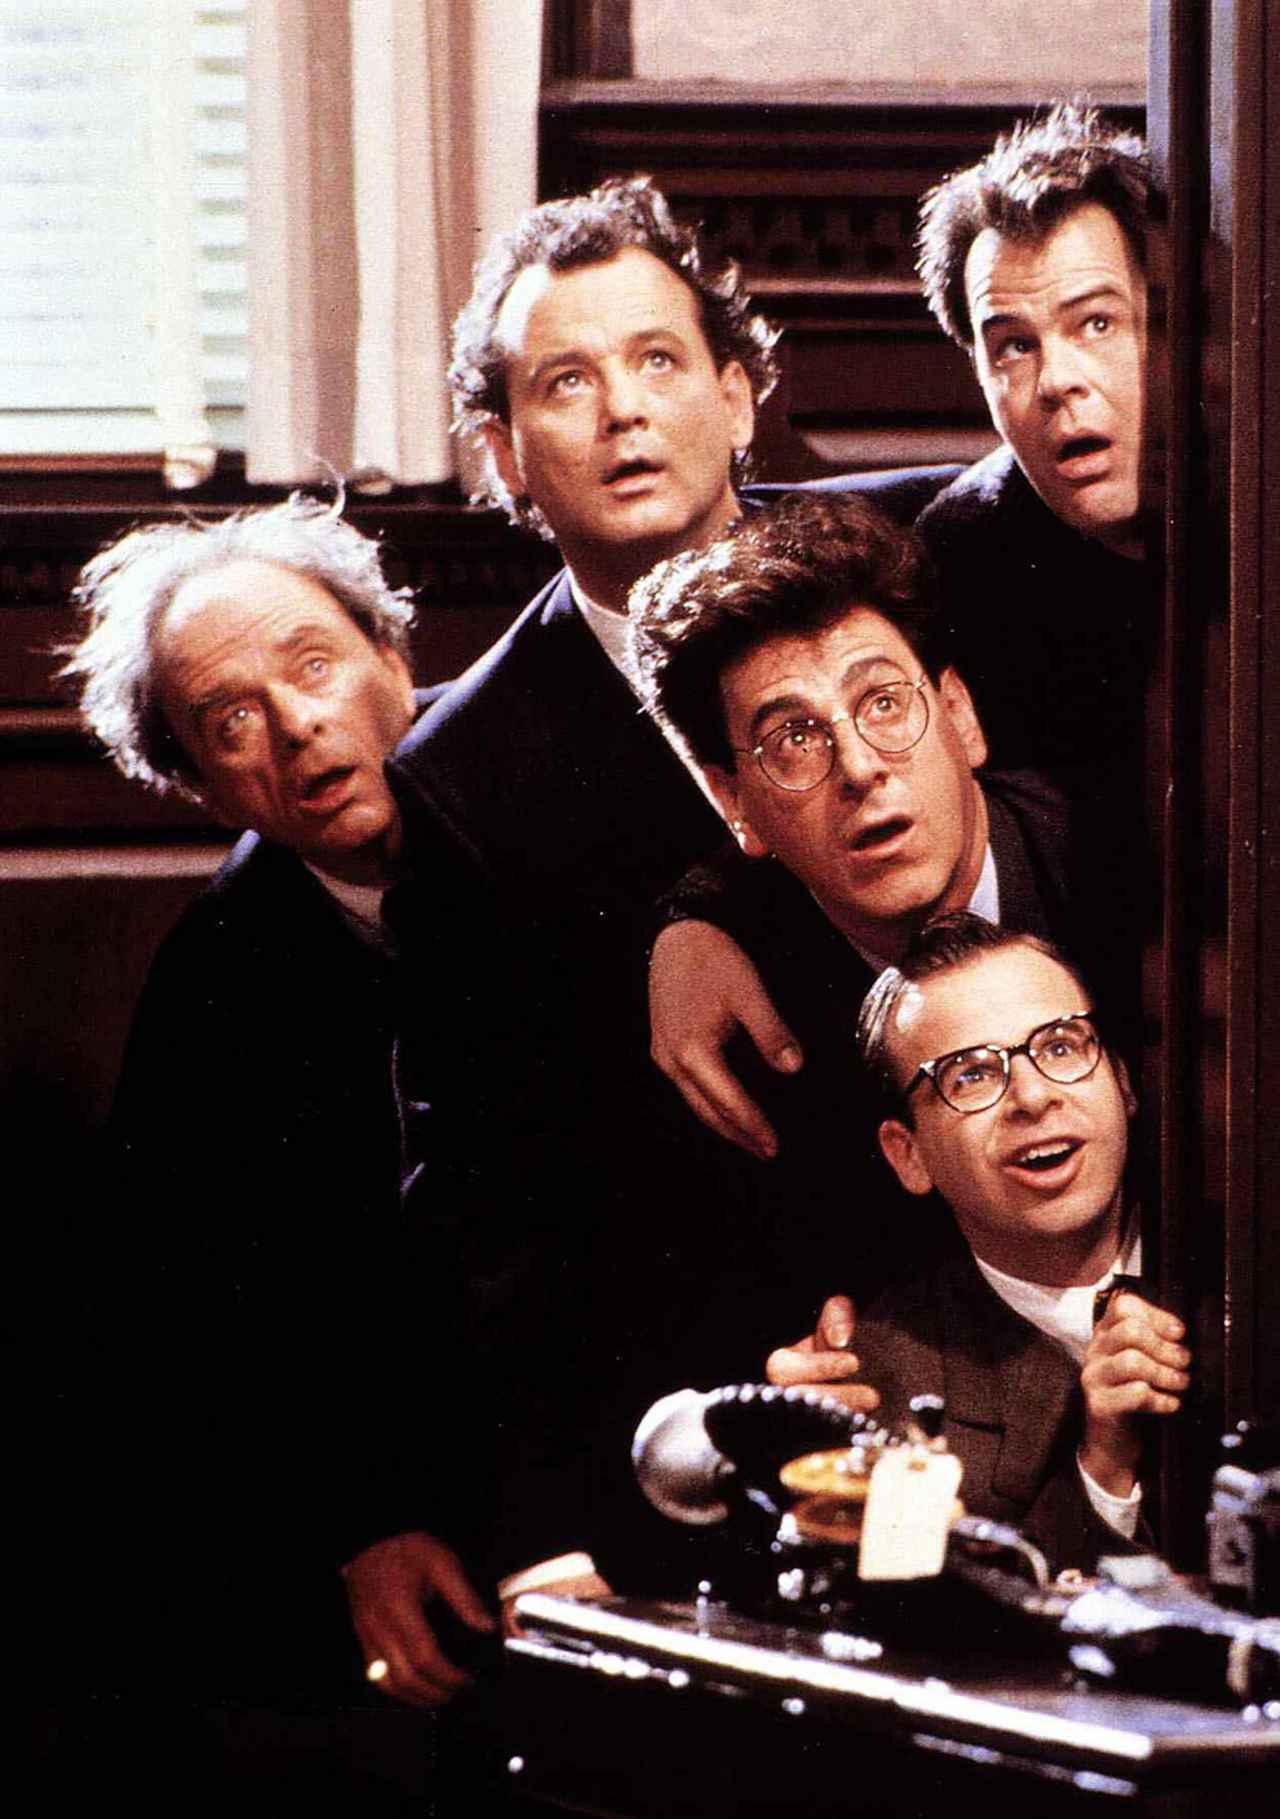 画像: 1989年公開の映画『ゴーストバスターズ2』より。一番下がリック演じるルイス・タリー。